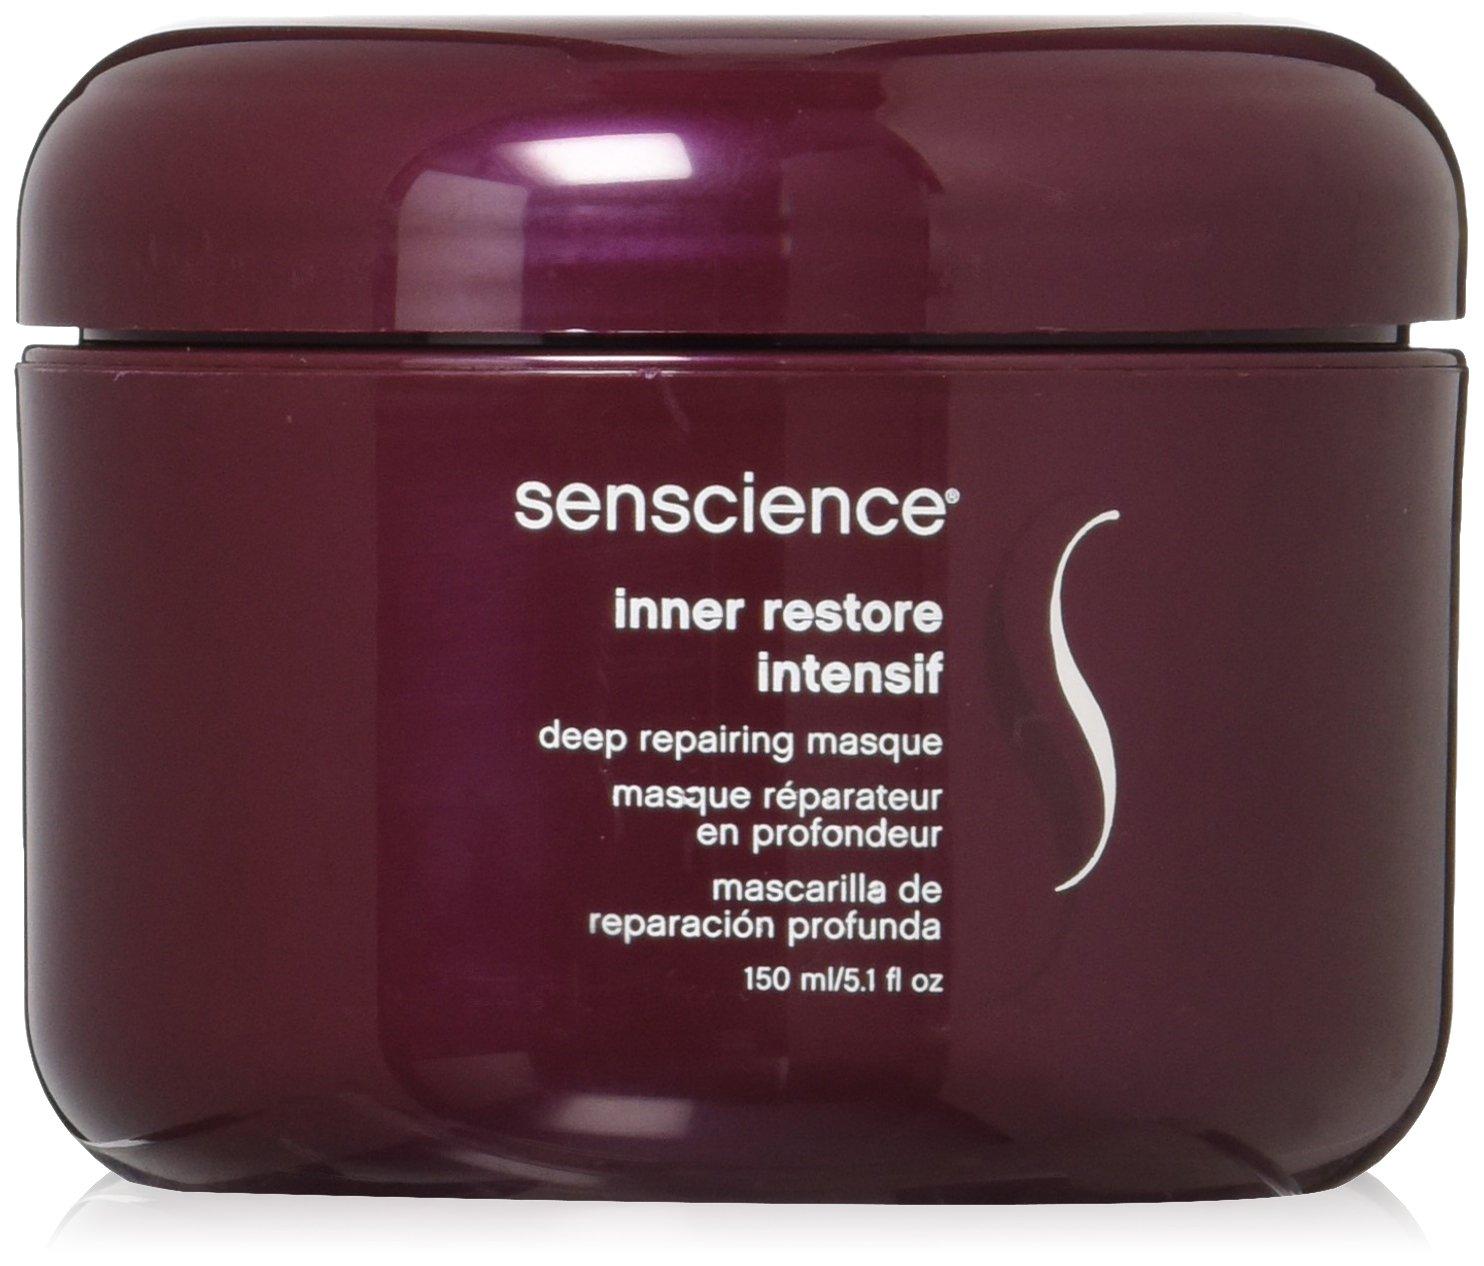 Senscience Inner Restore Intensif Masque 150 ml